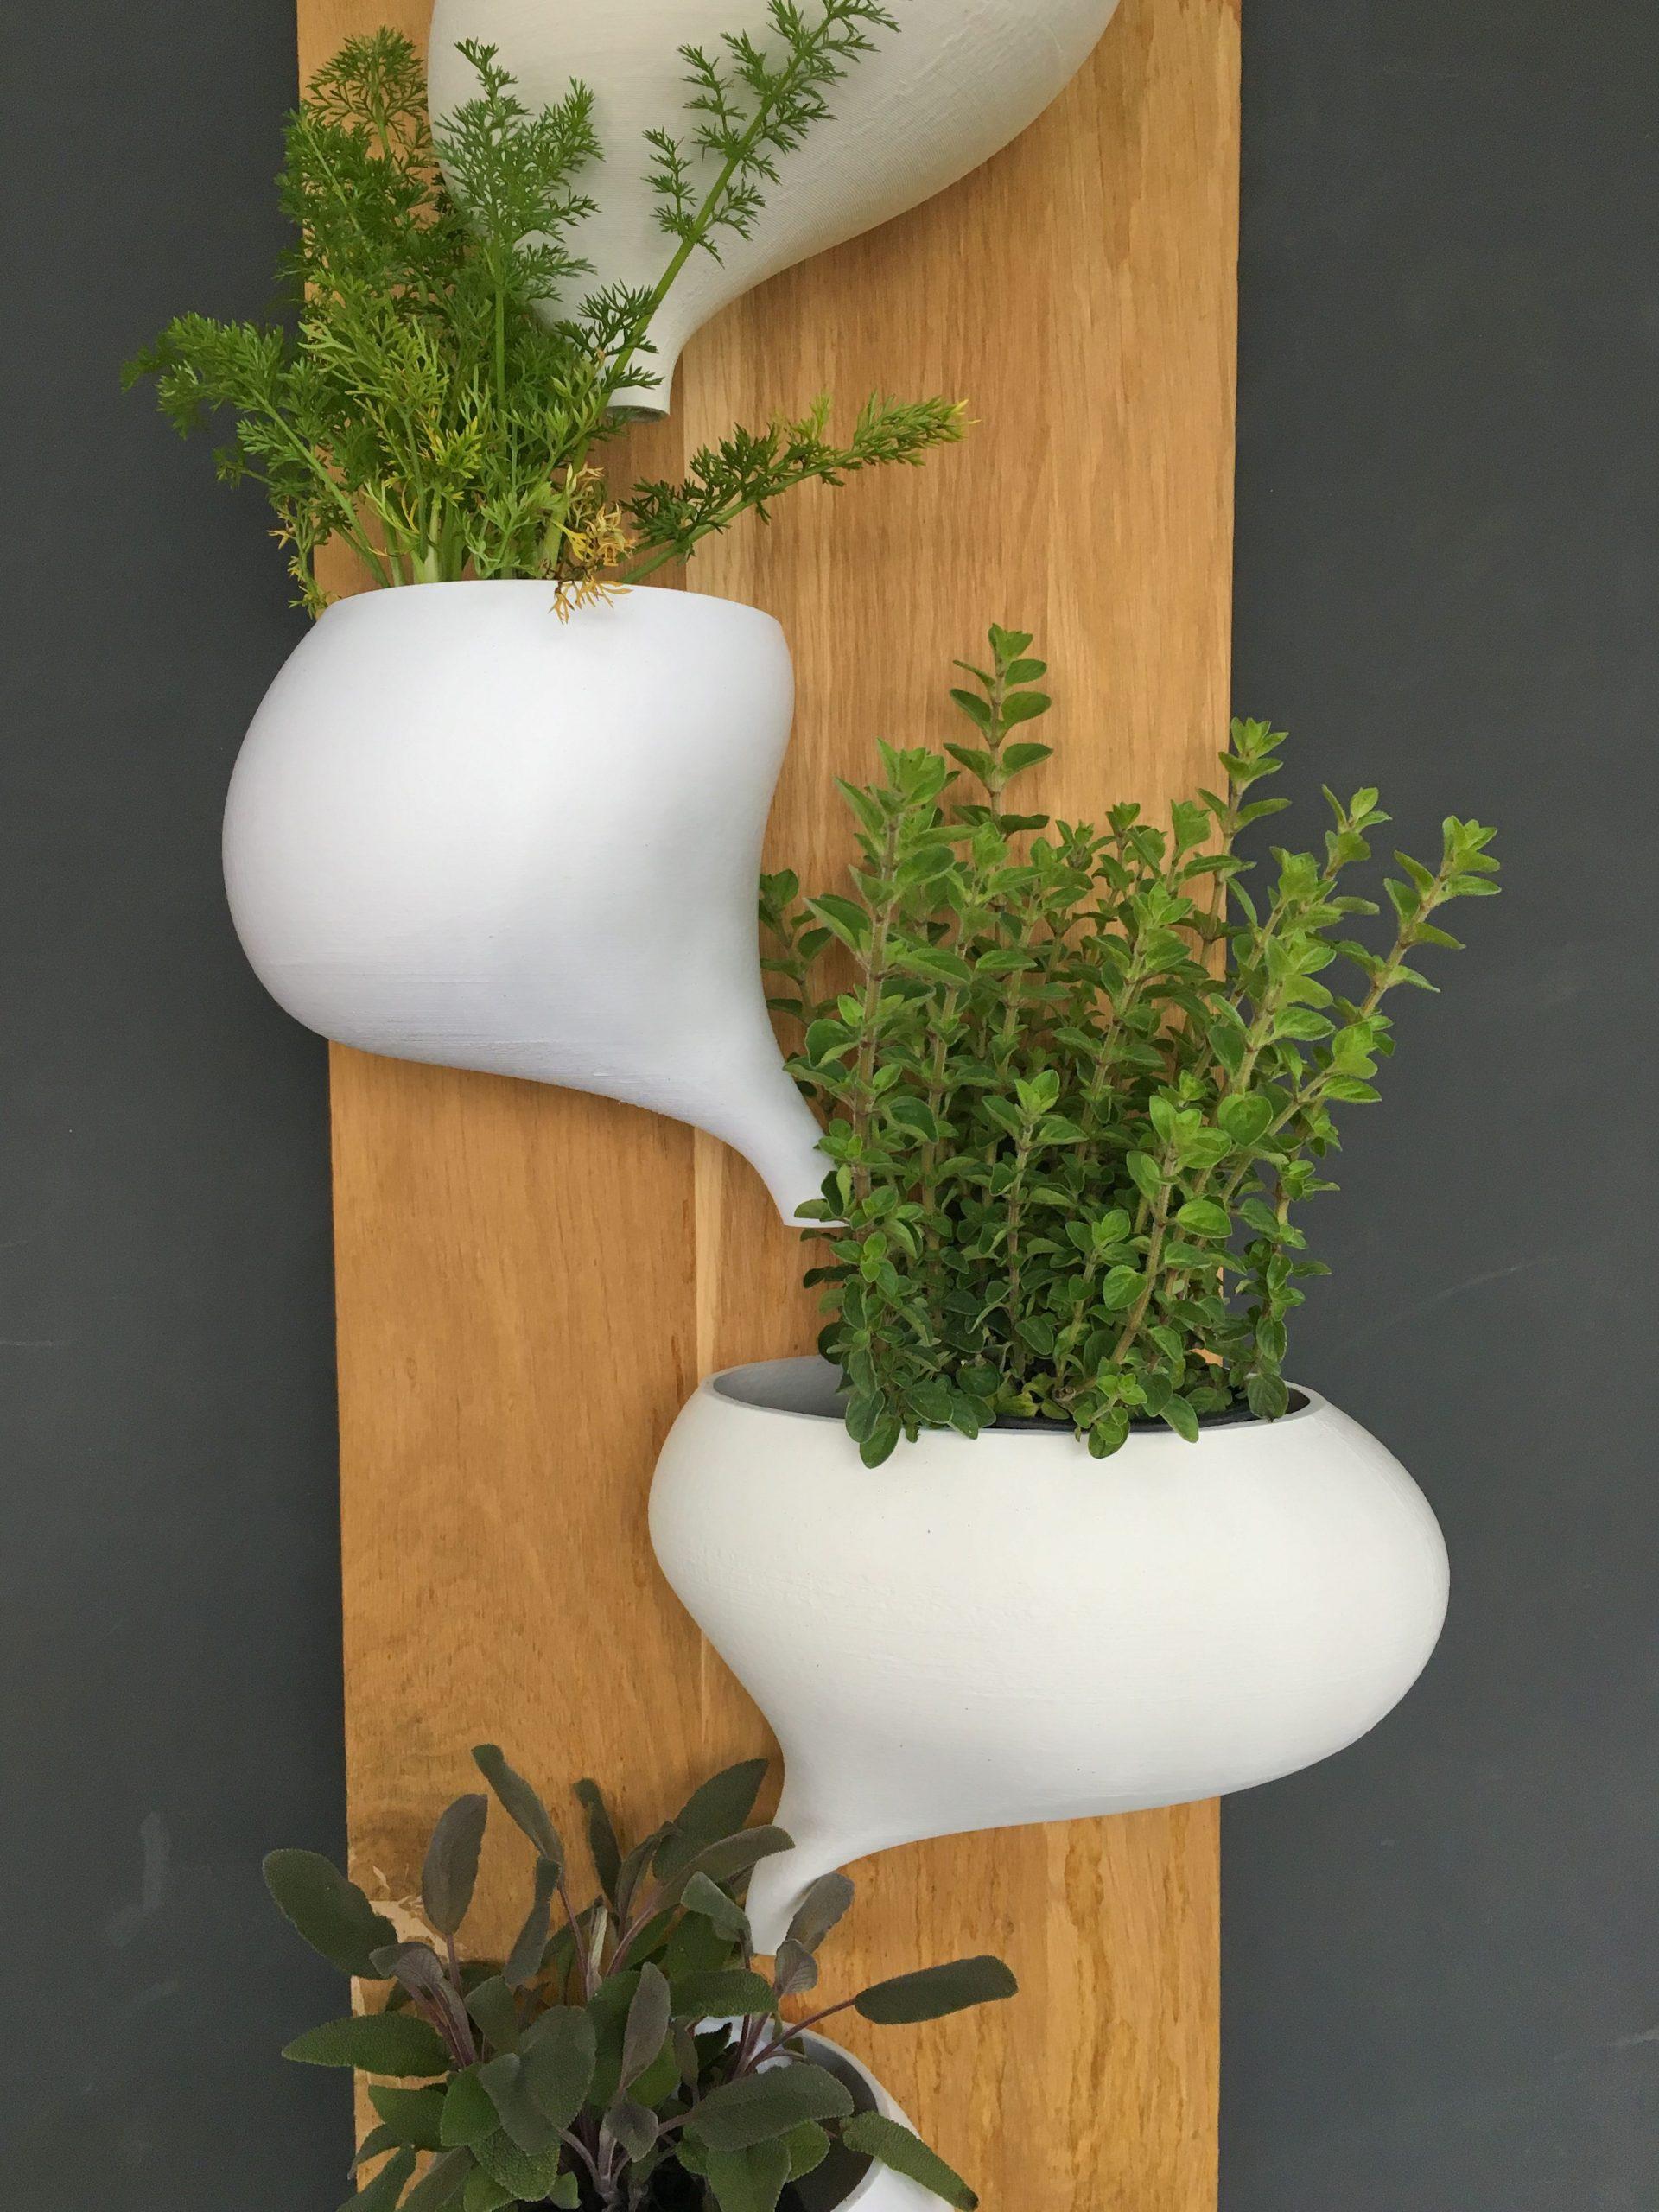 Épinglé Par Criss Gonzalez Sur 3D   Jardinières En Céramique ... avec Pot Pvc Jardin